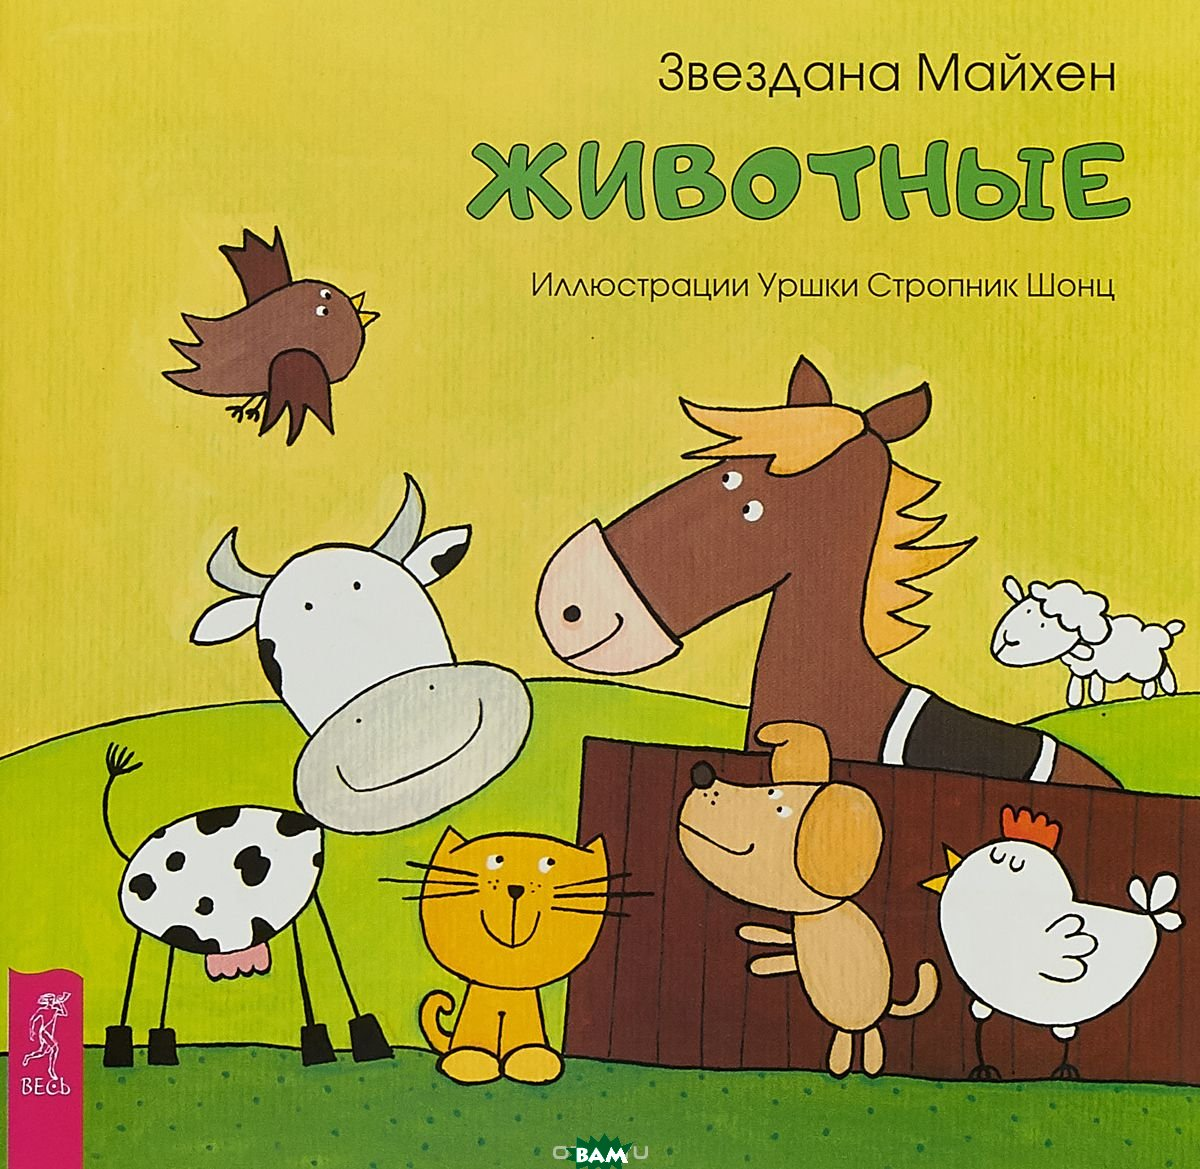 Купить Животные, ВЕСЬ, Майхен Звездана, 978-5-9573-3357-9